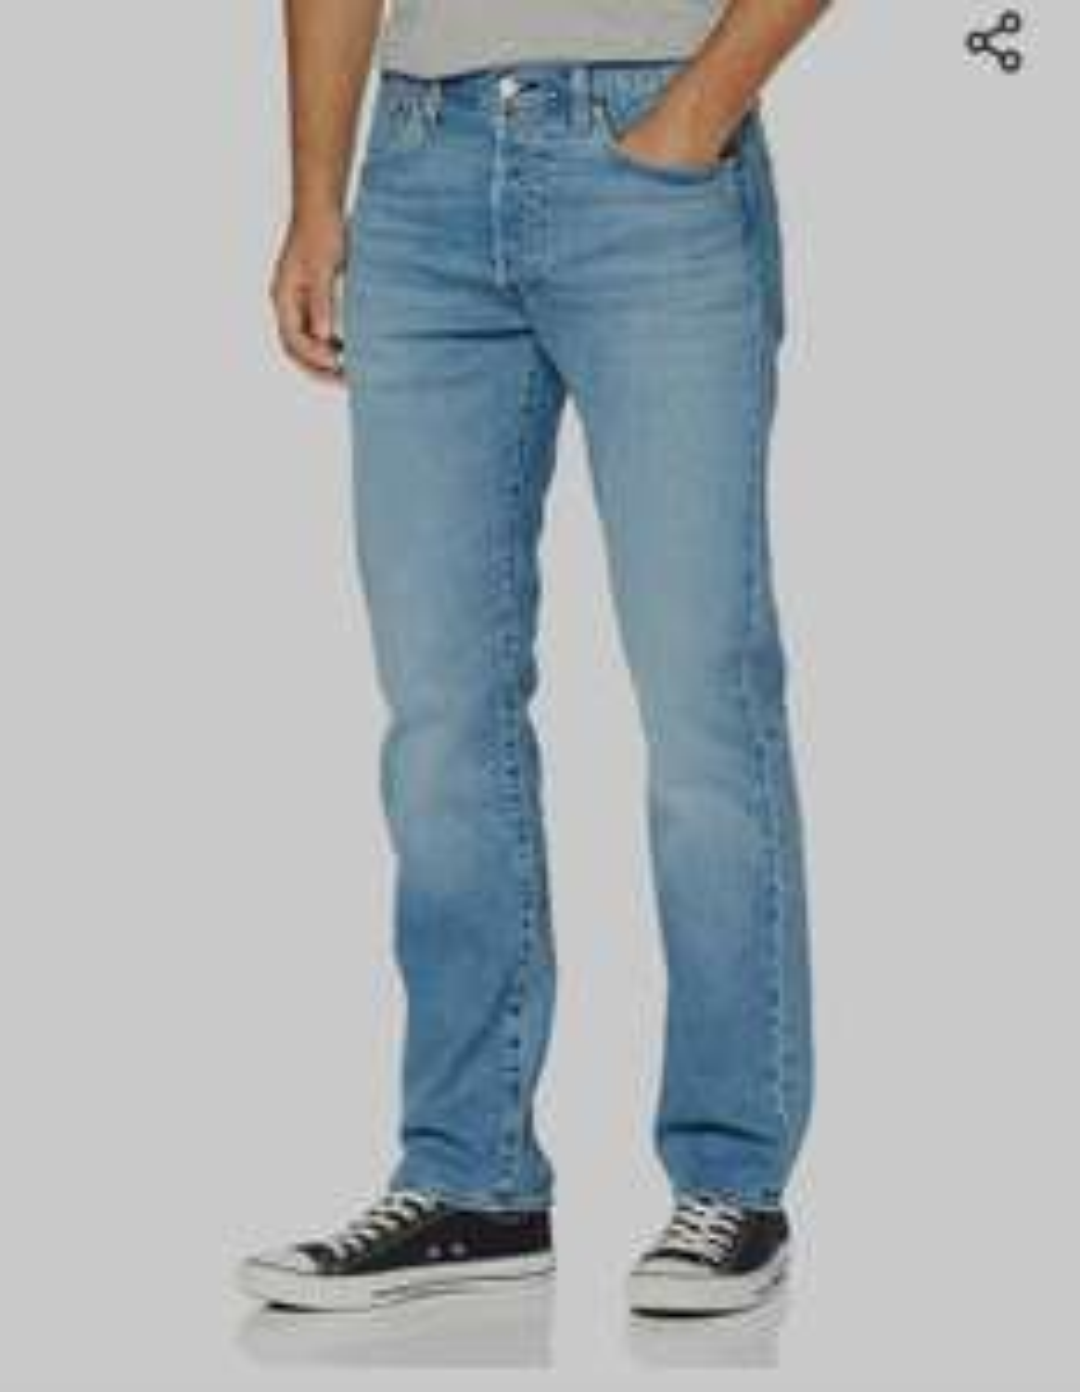 Jeans Levi's 501 Original Fit Homme - Diverses tailles